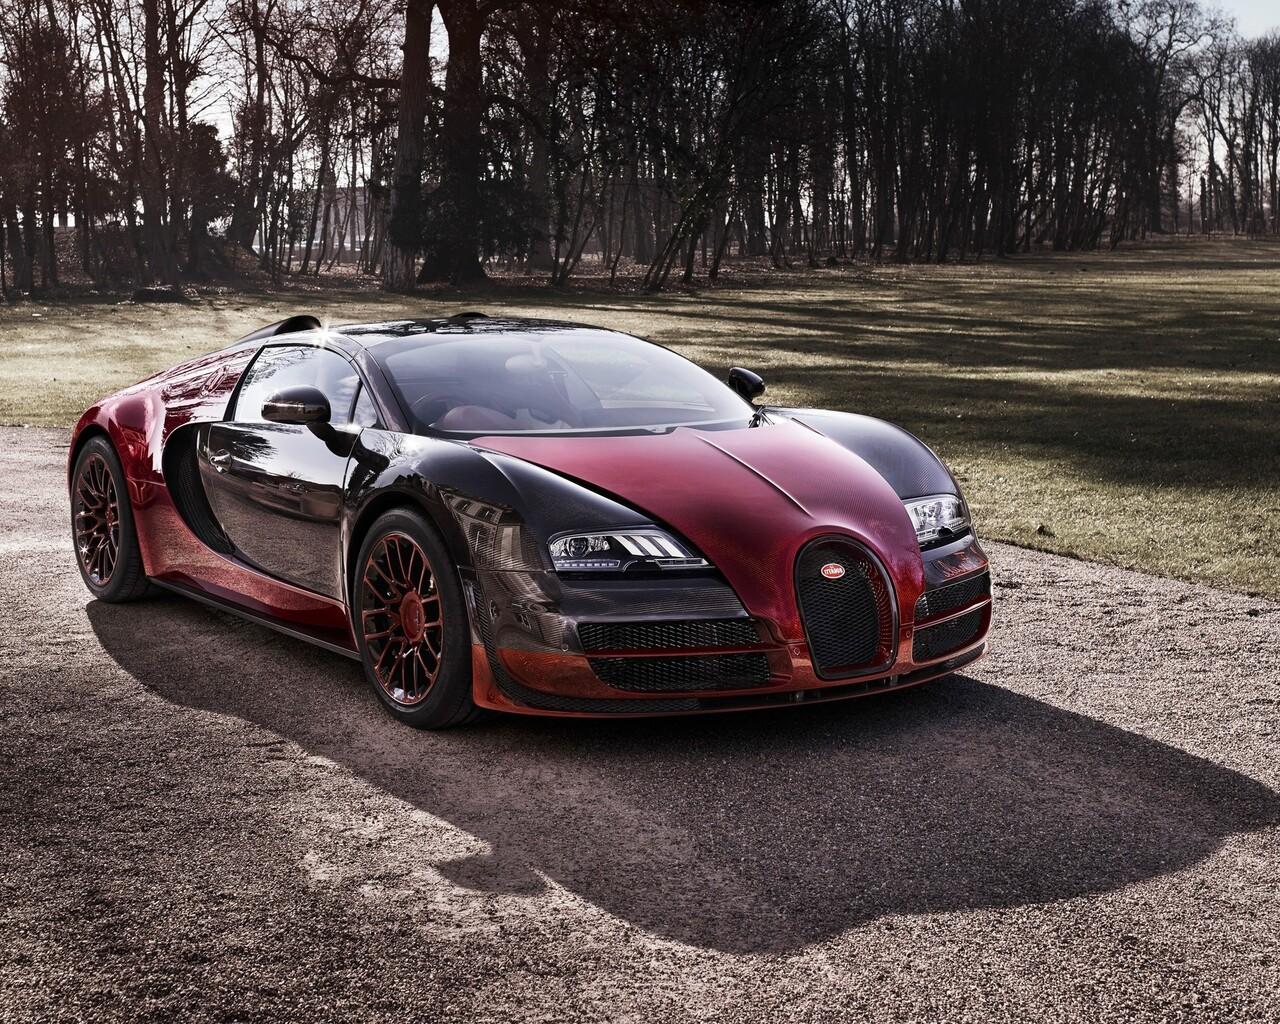 Bugatti Veyron Wallpaper 1280x1024